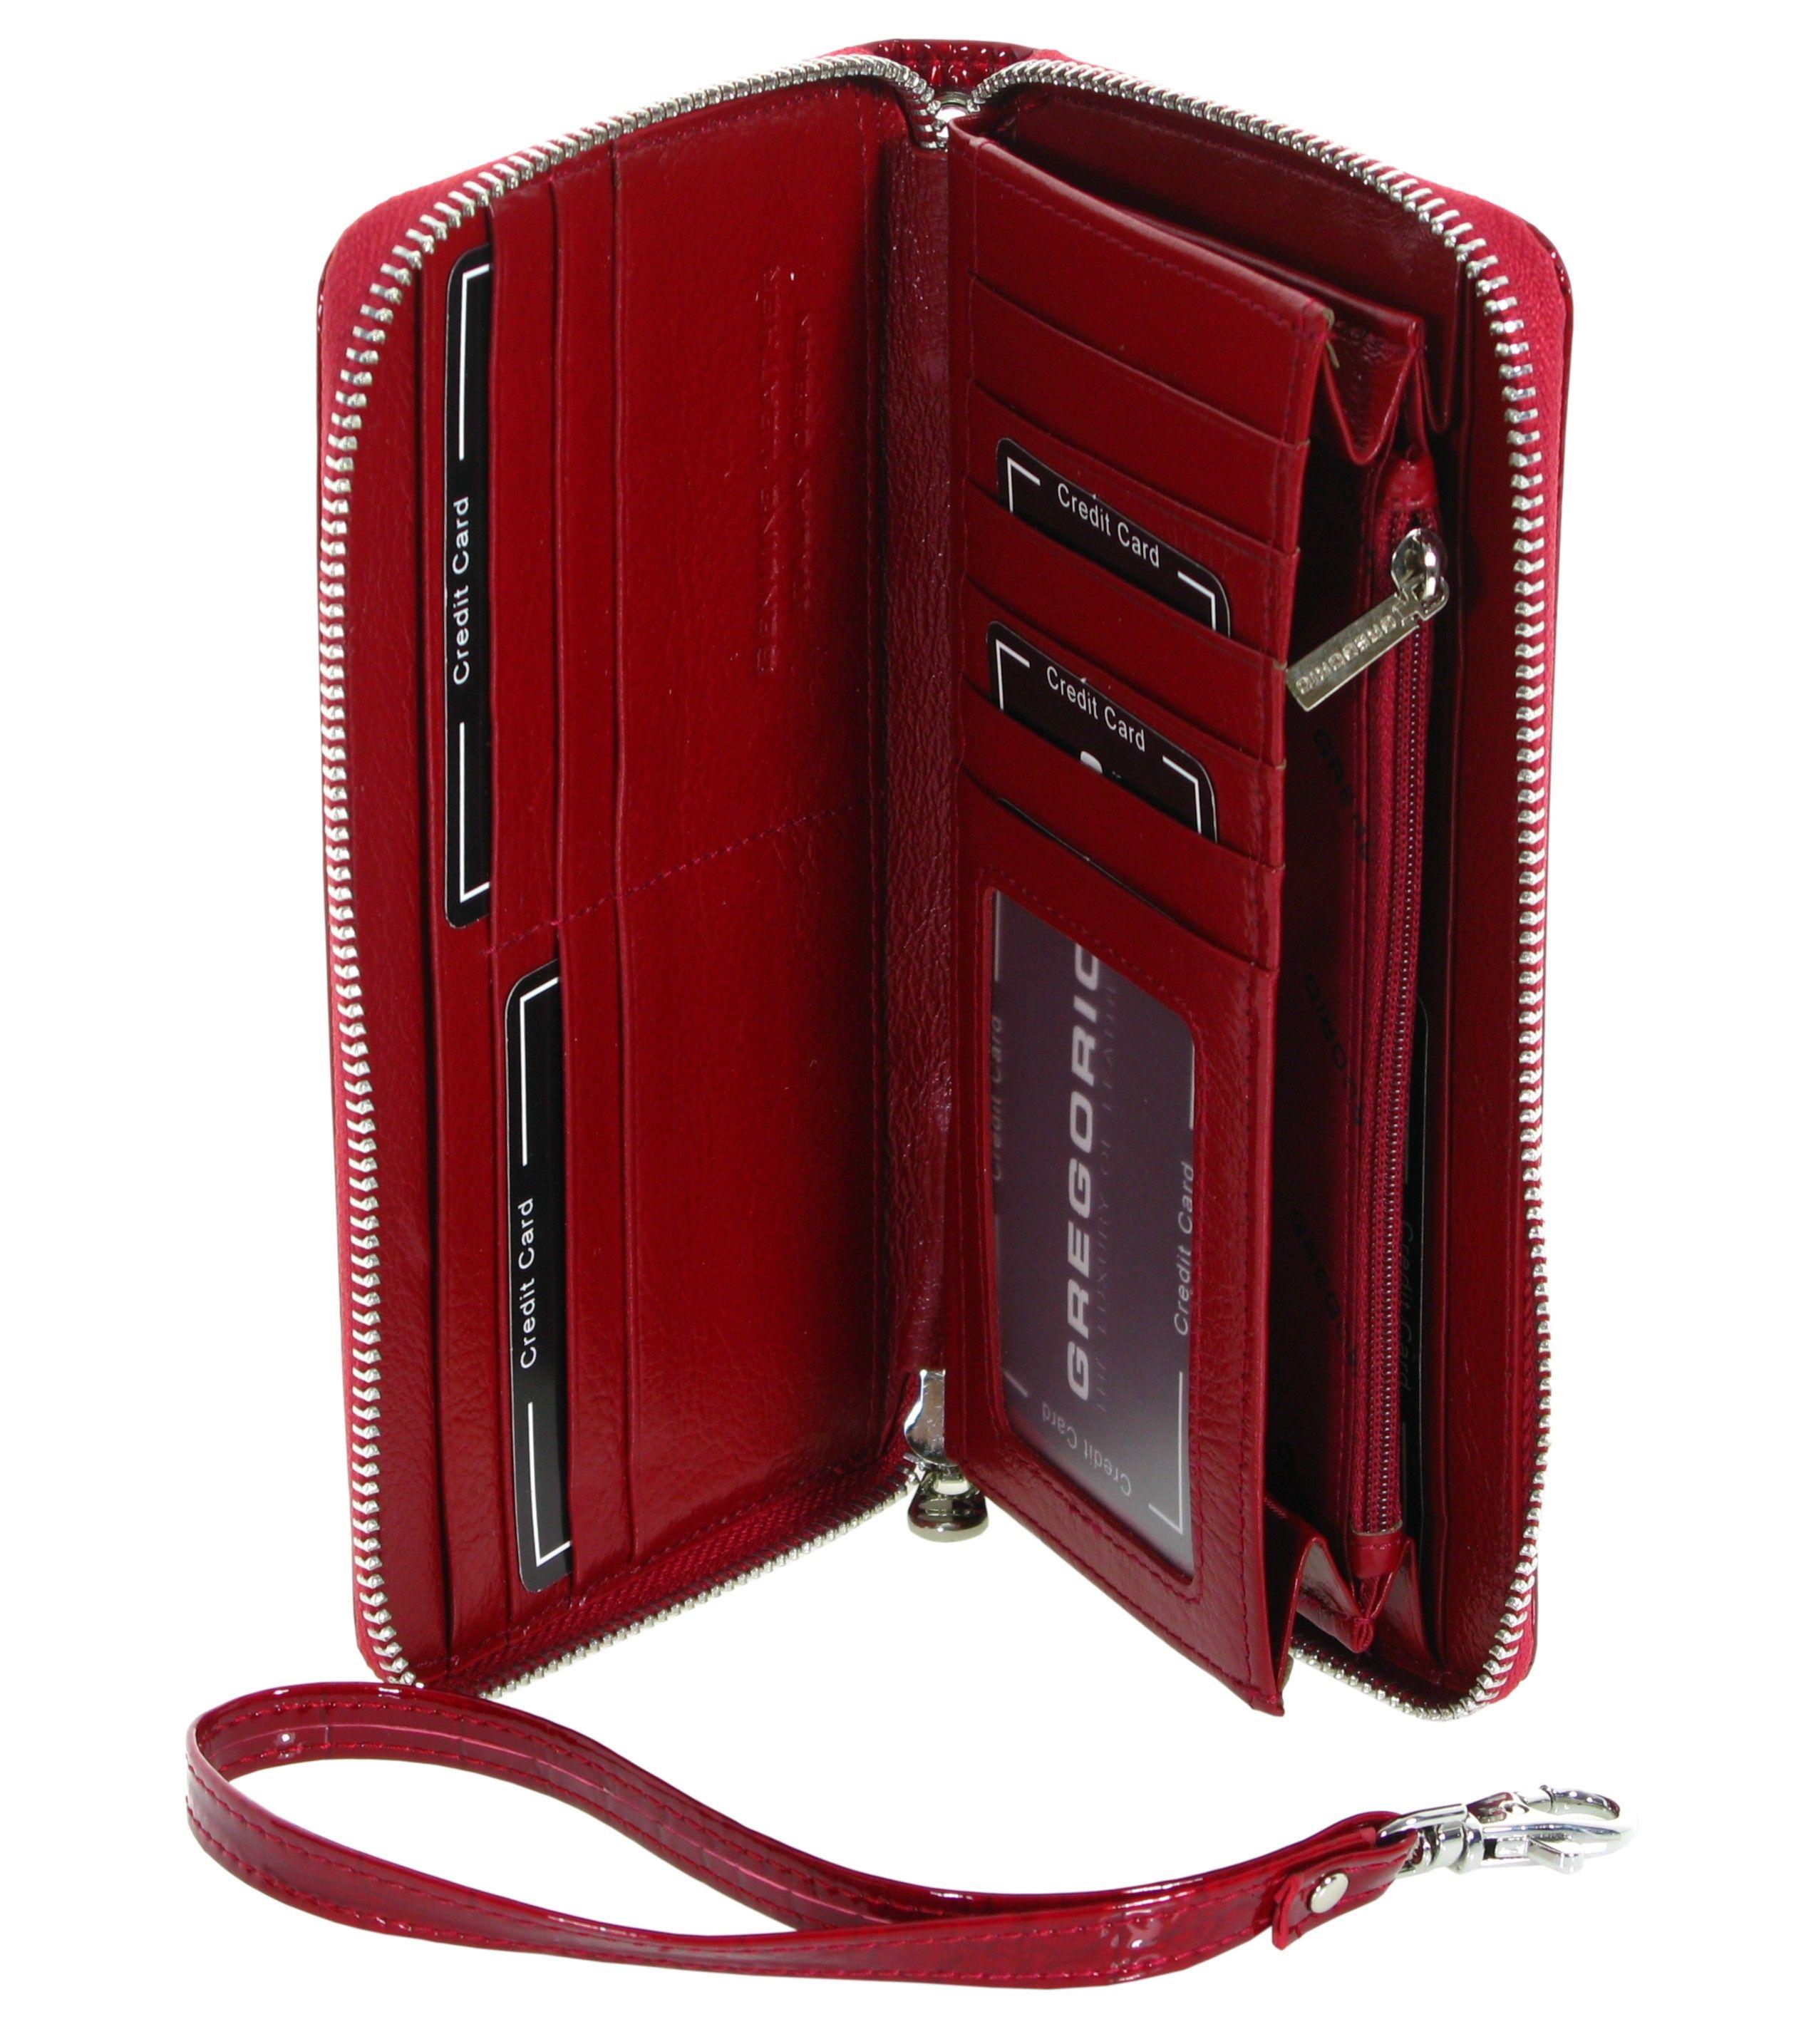 9dd56a3e92349 Skórzany portfel damski GREGORIO BC119 czerwony | Akcesoria skórzane ...